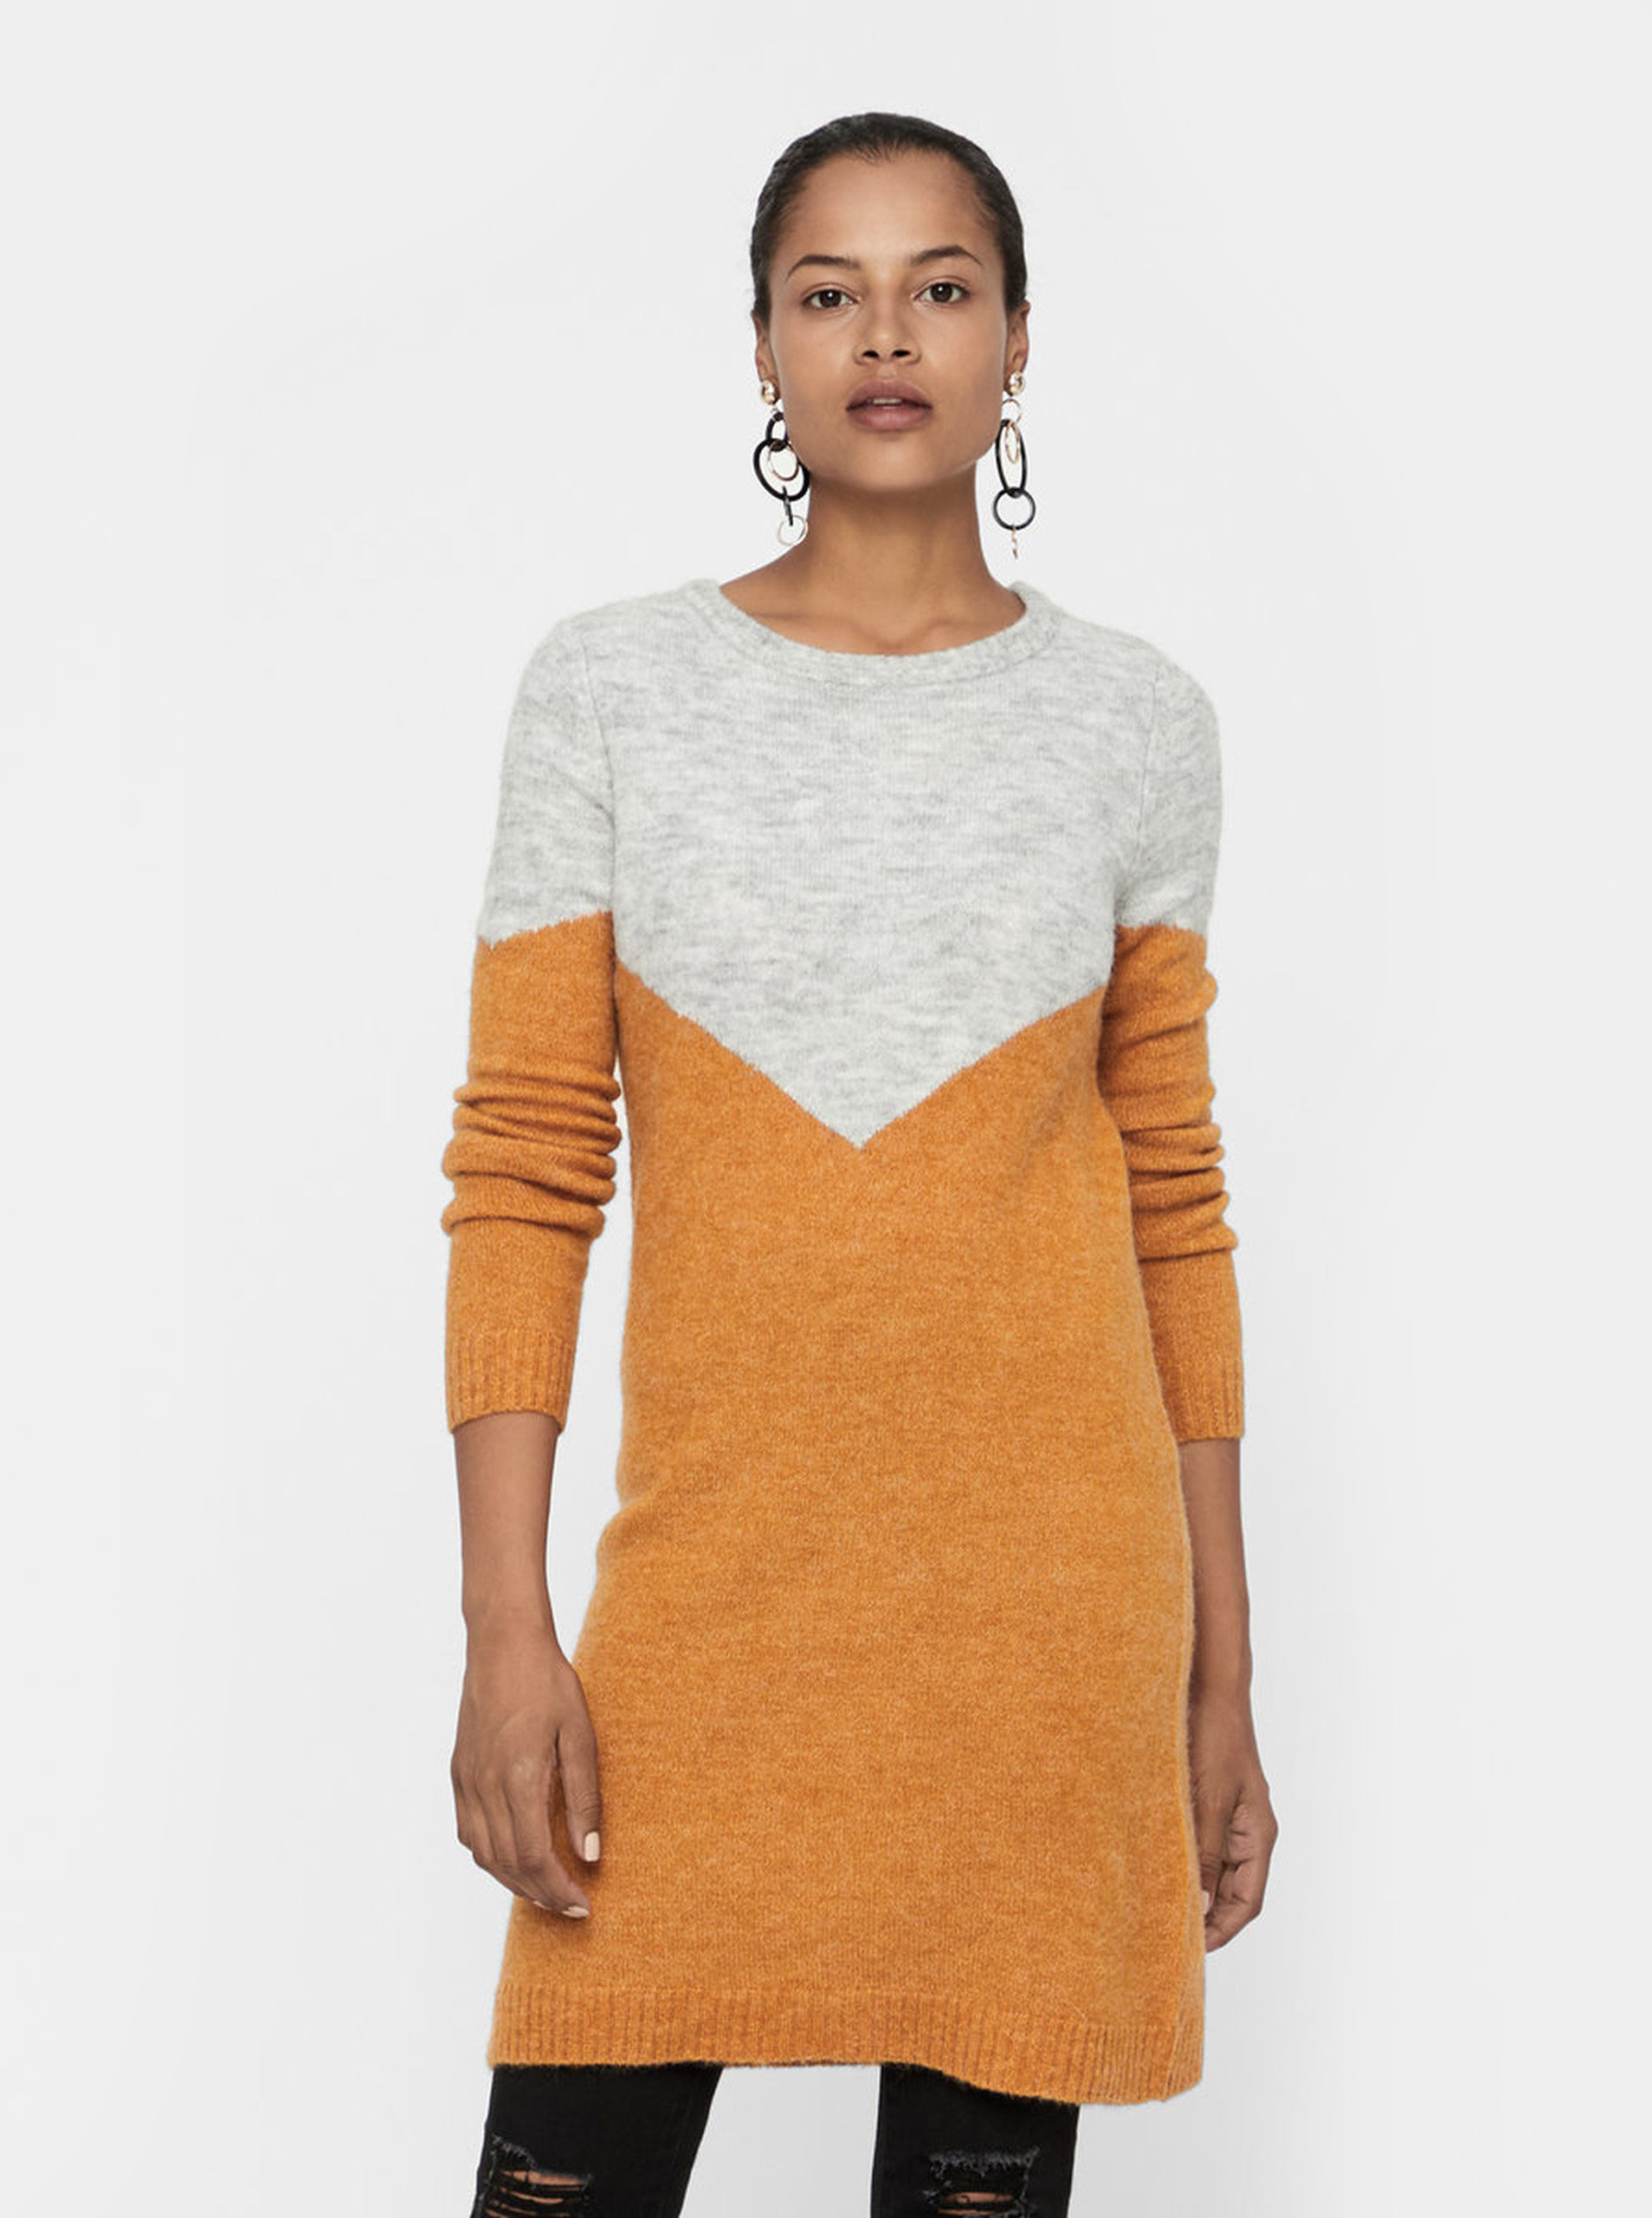 Šedo-hnědé žíhané svetrové šaty s příměsí vlny VERO MODA